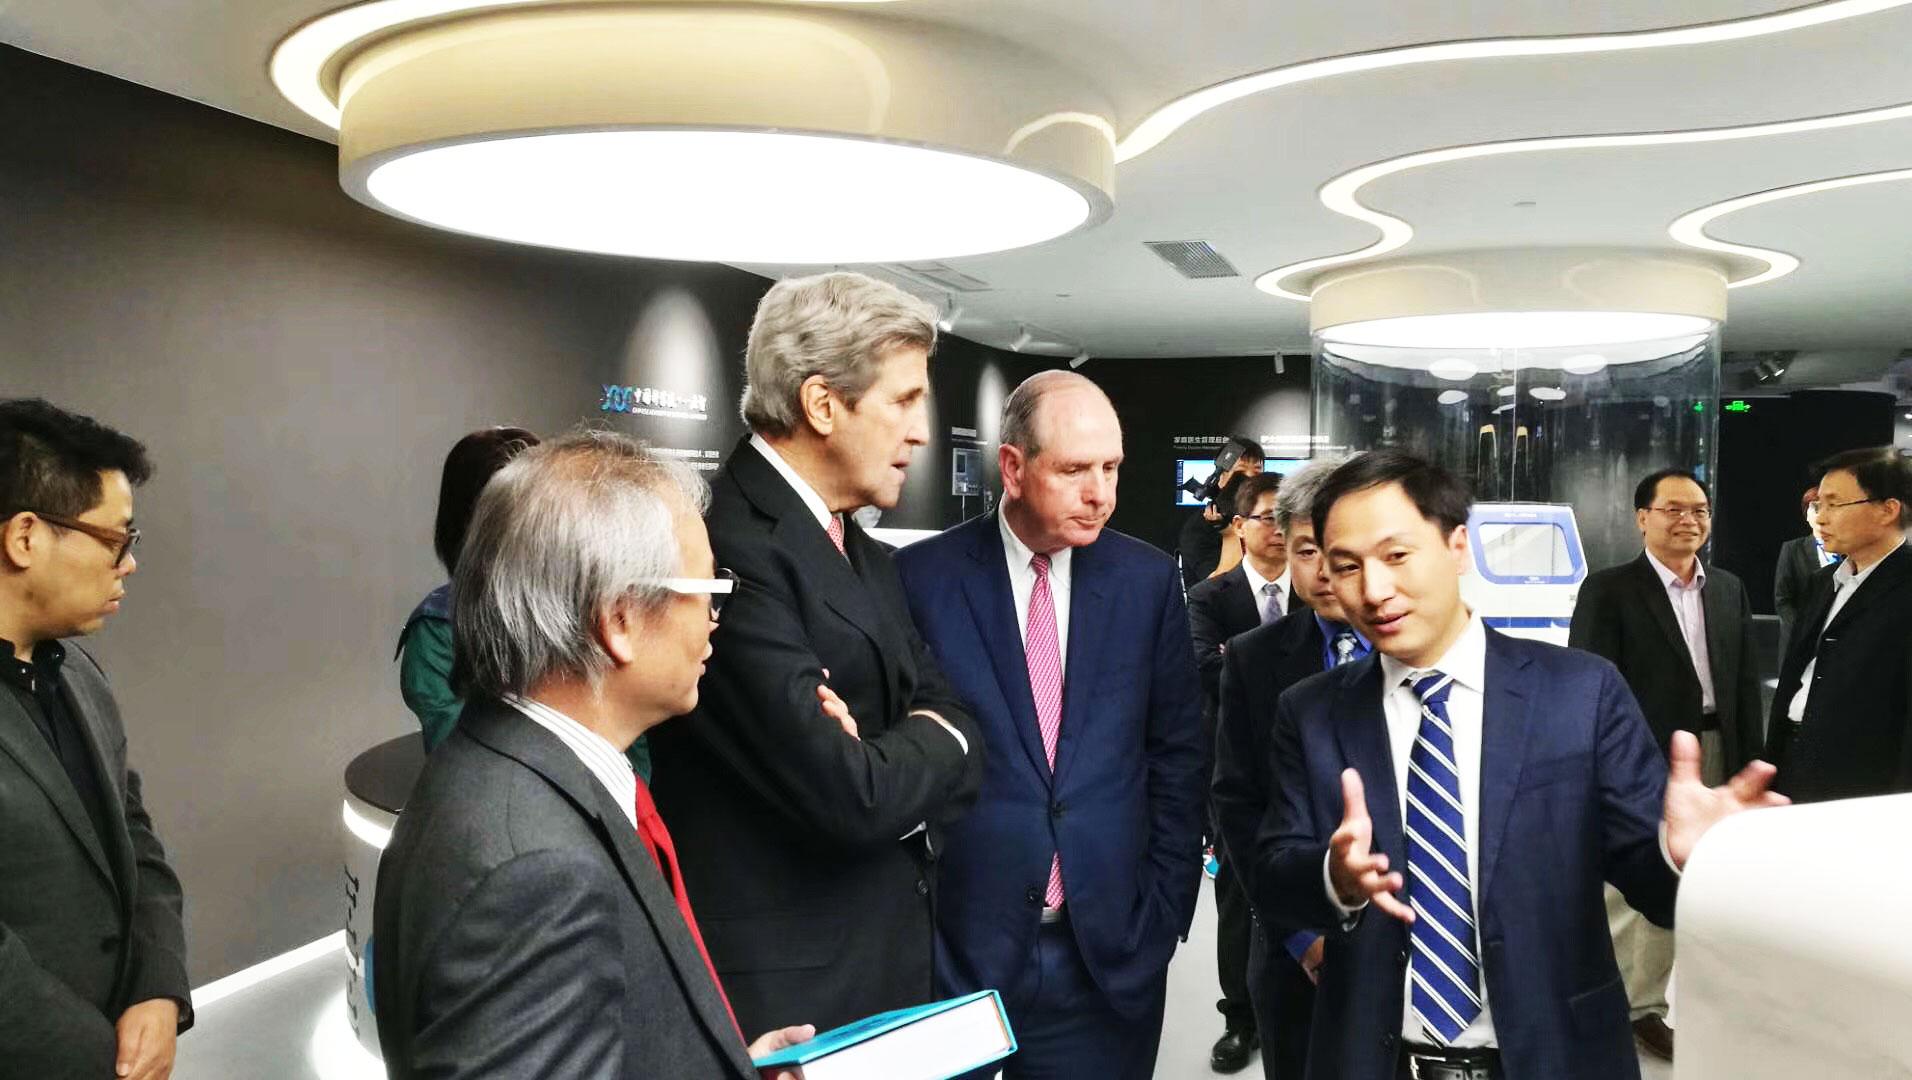 Él Jiankui explica el secuenciador del genoma construido por una de sus compañías, Direct Genomics, al ex secretario de estado estadounidense John Kerry.